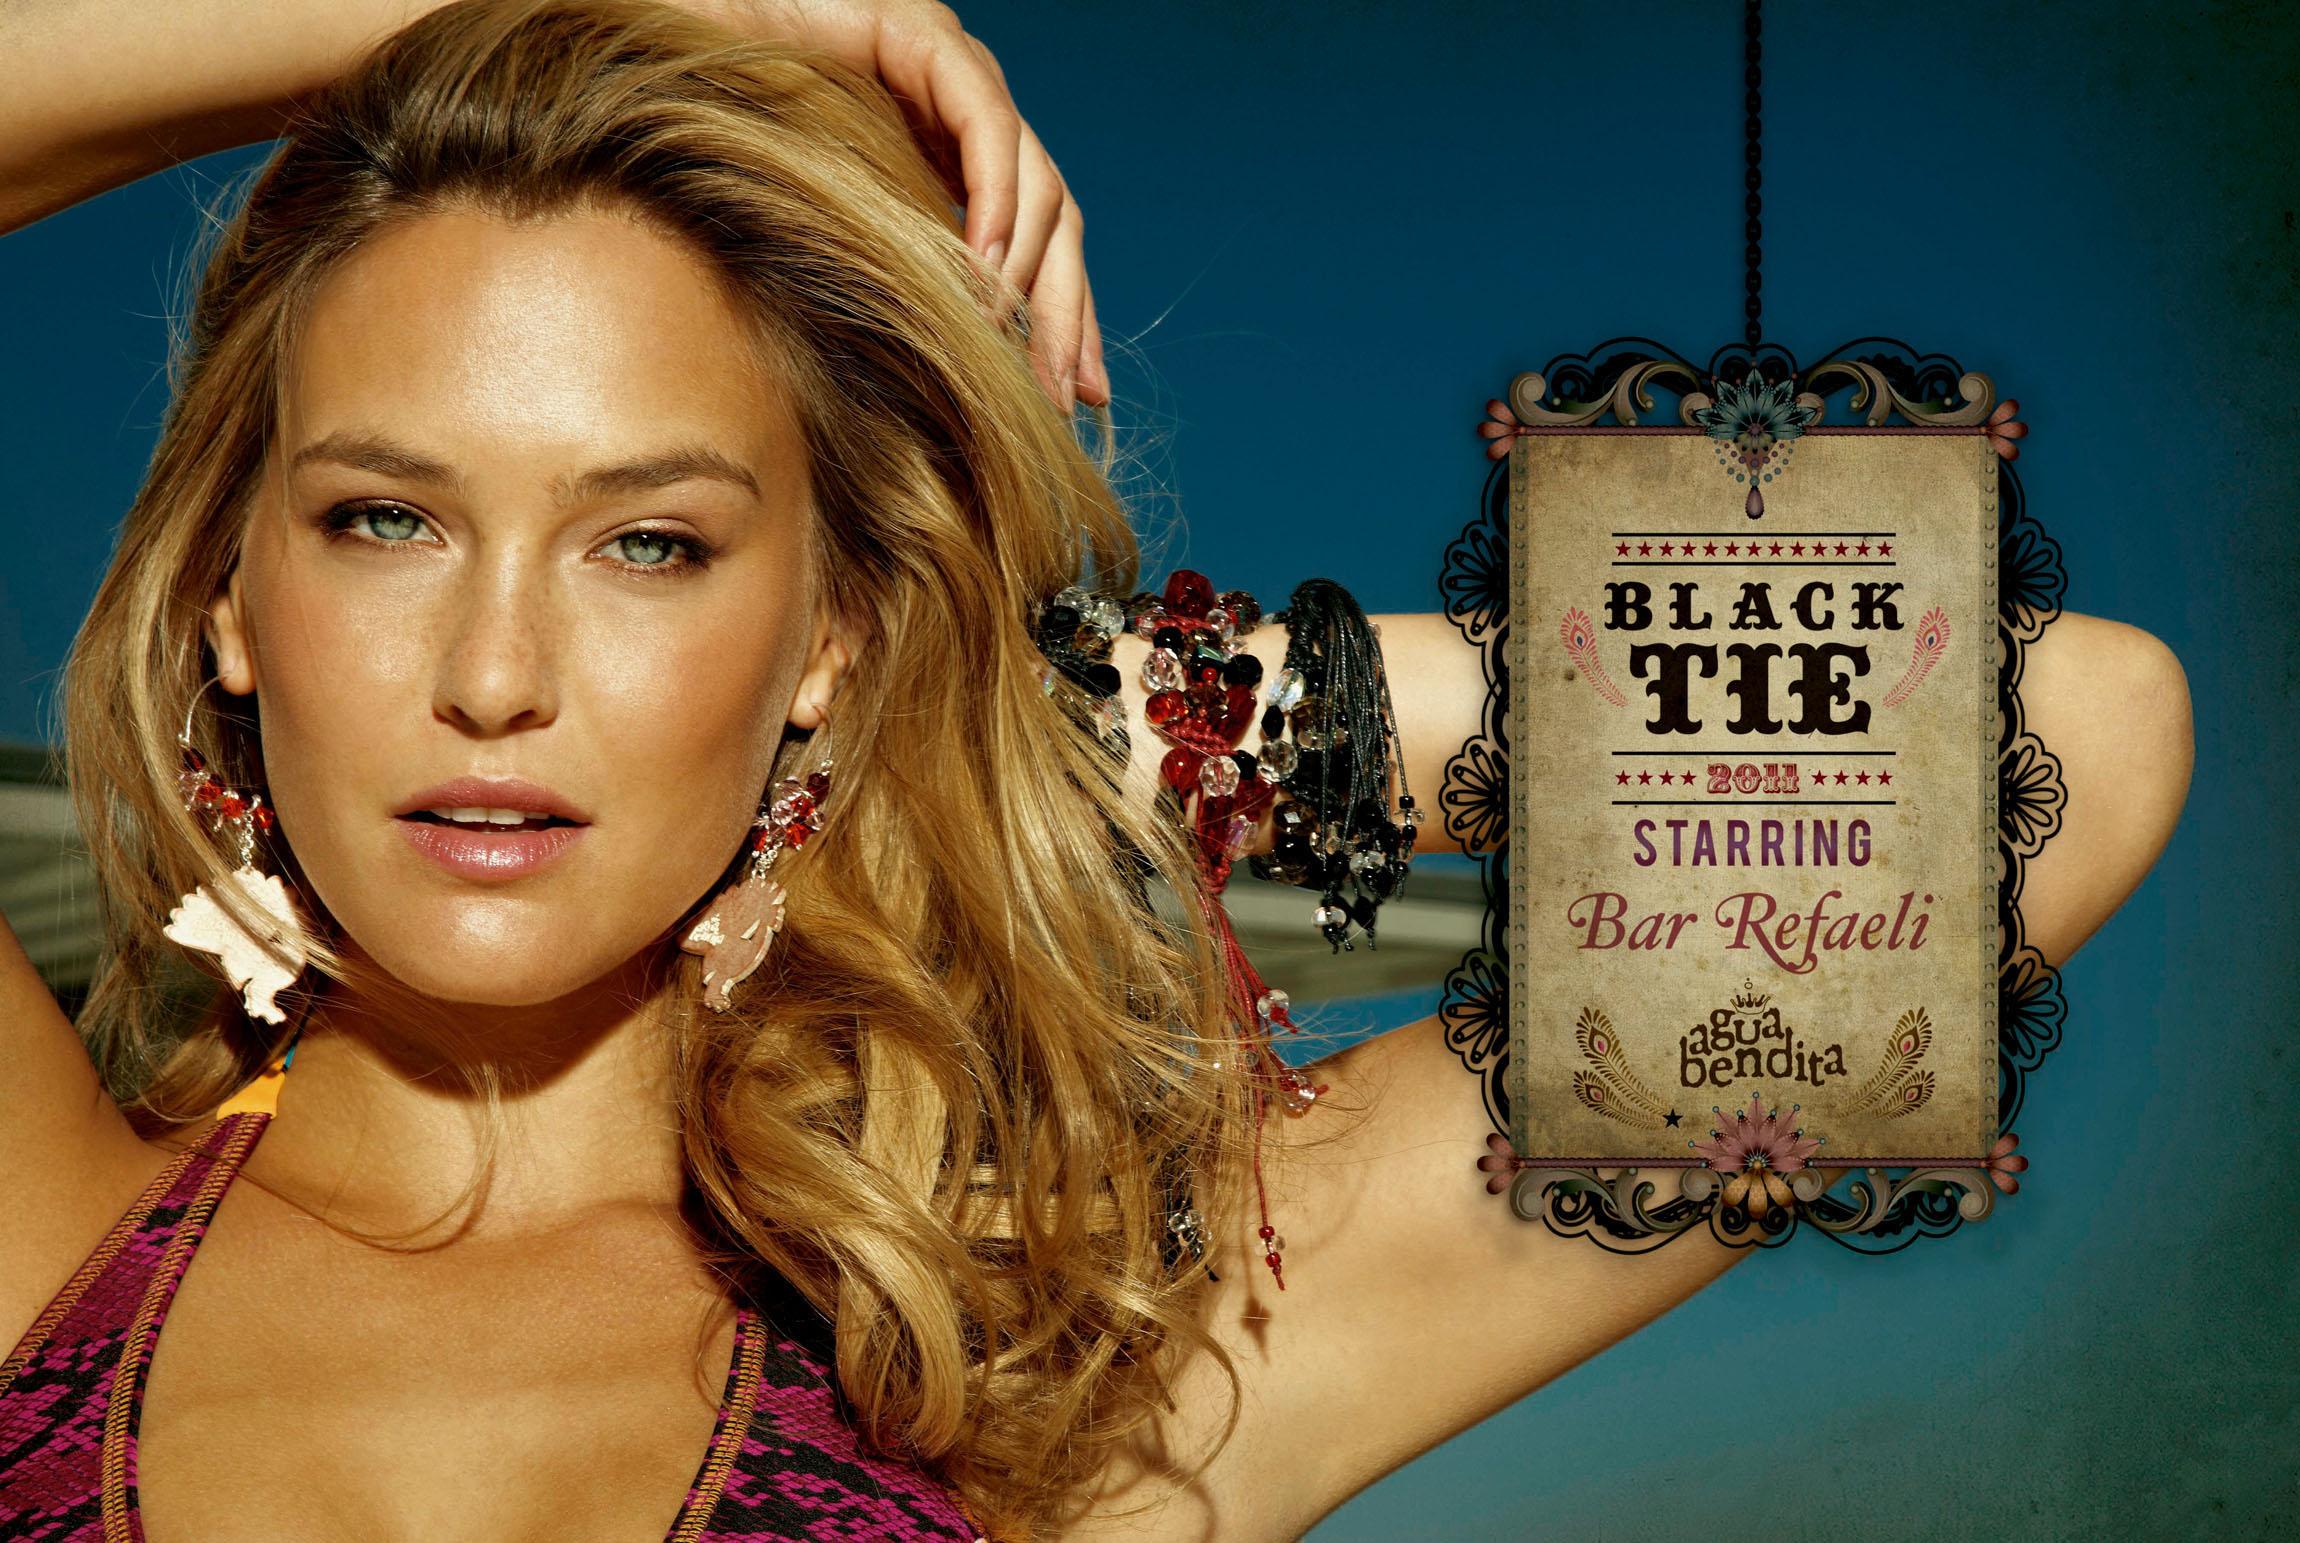 79296_Bar_Refaeli_ad_campaign_for_Agua_Bendita_2011_swimwear_line_16_122_578lo.jpg